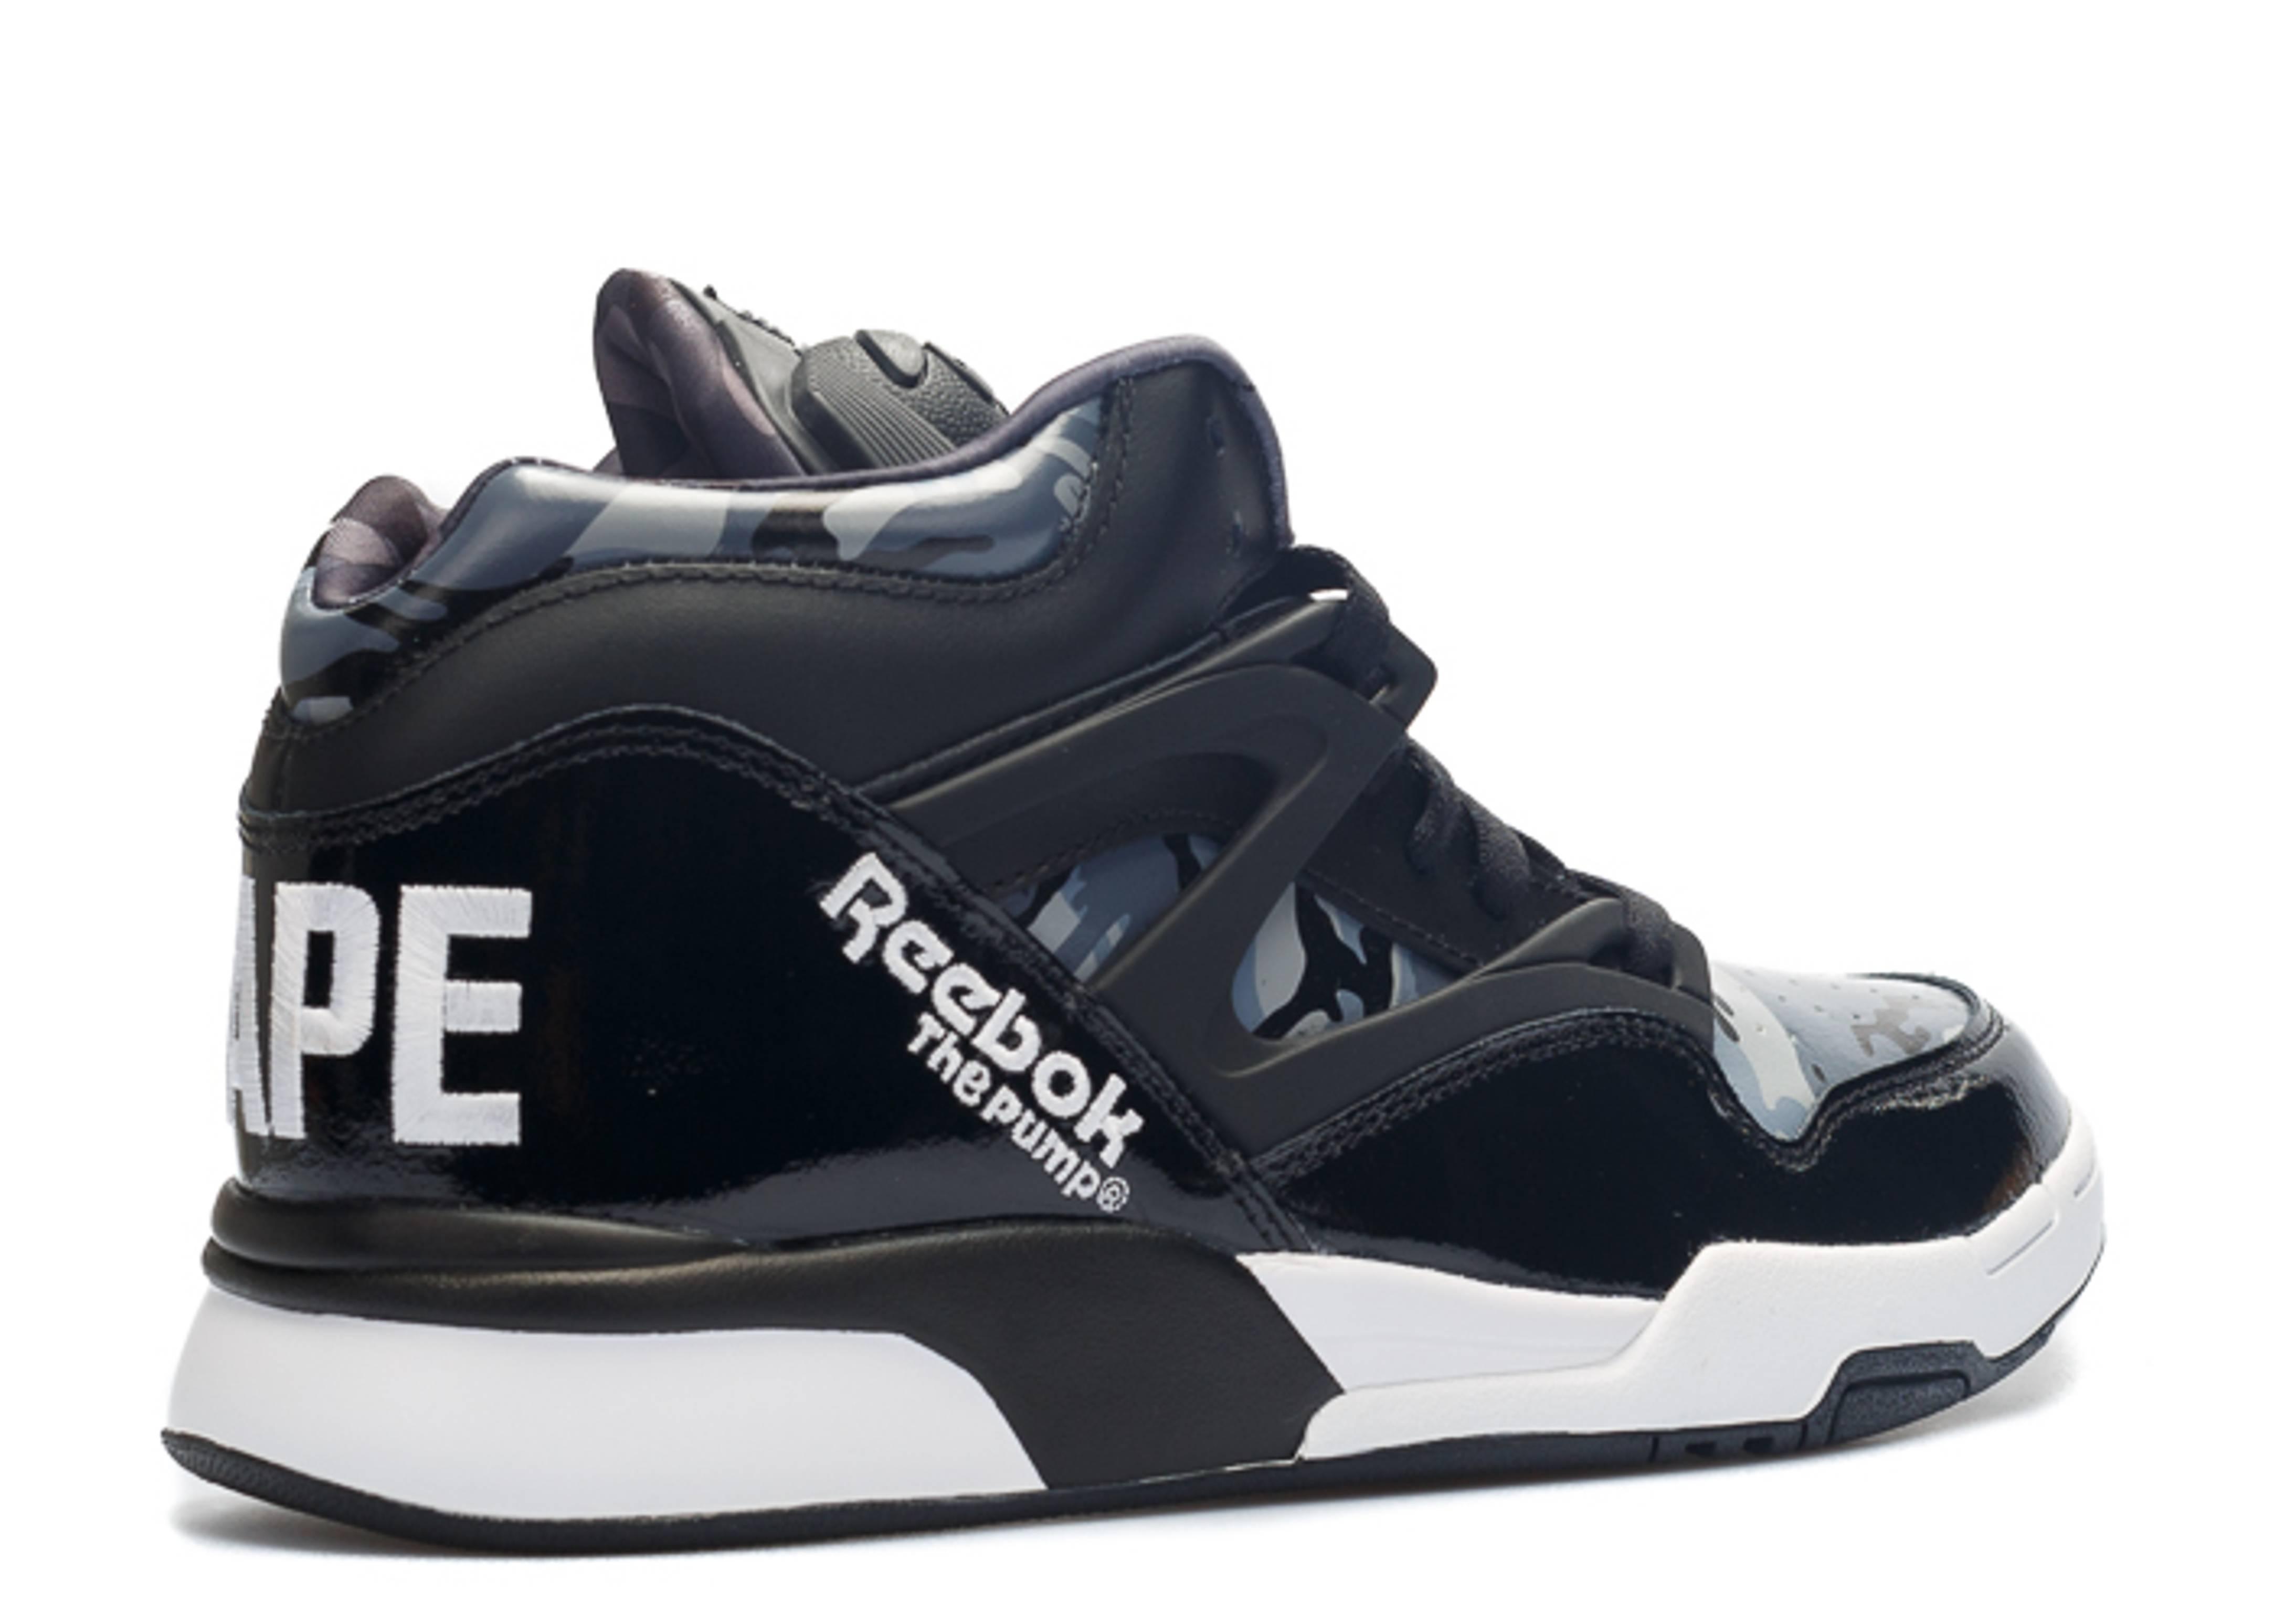 reebok pump size 16